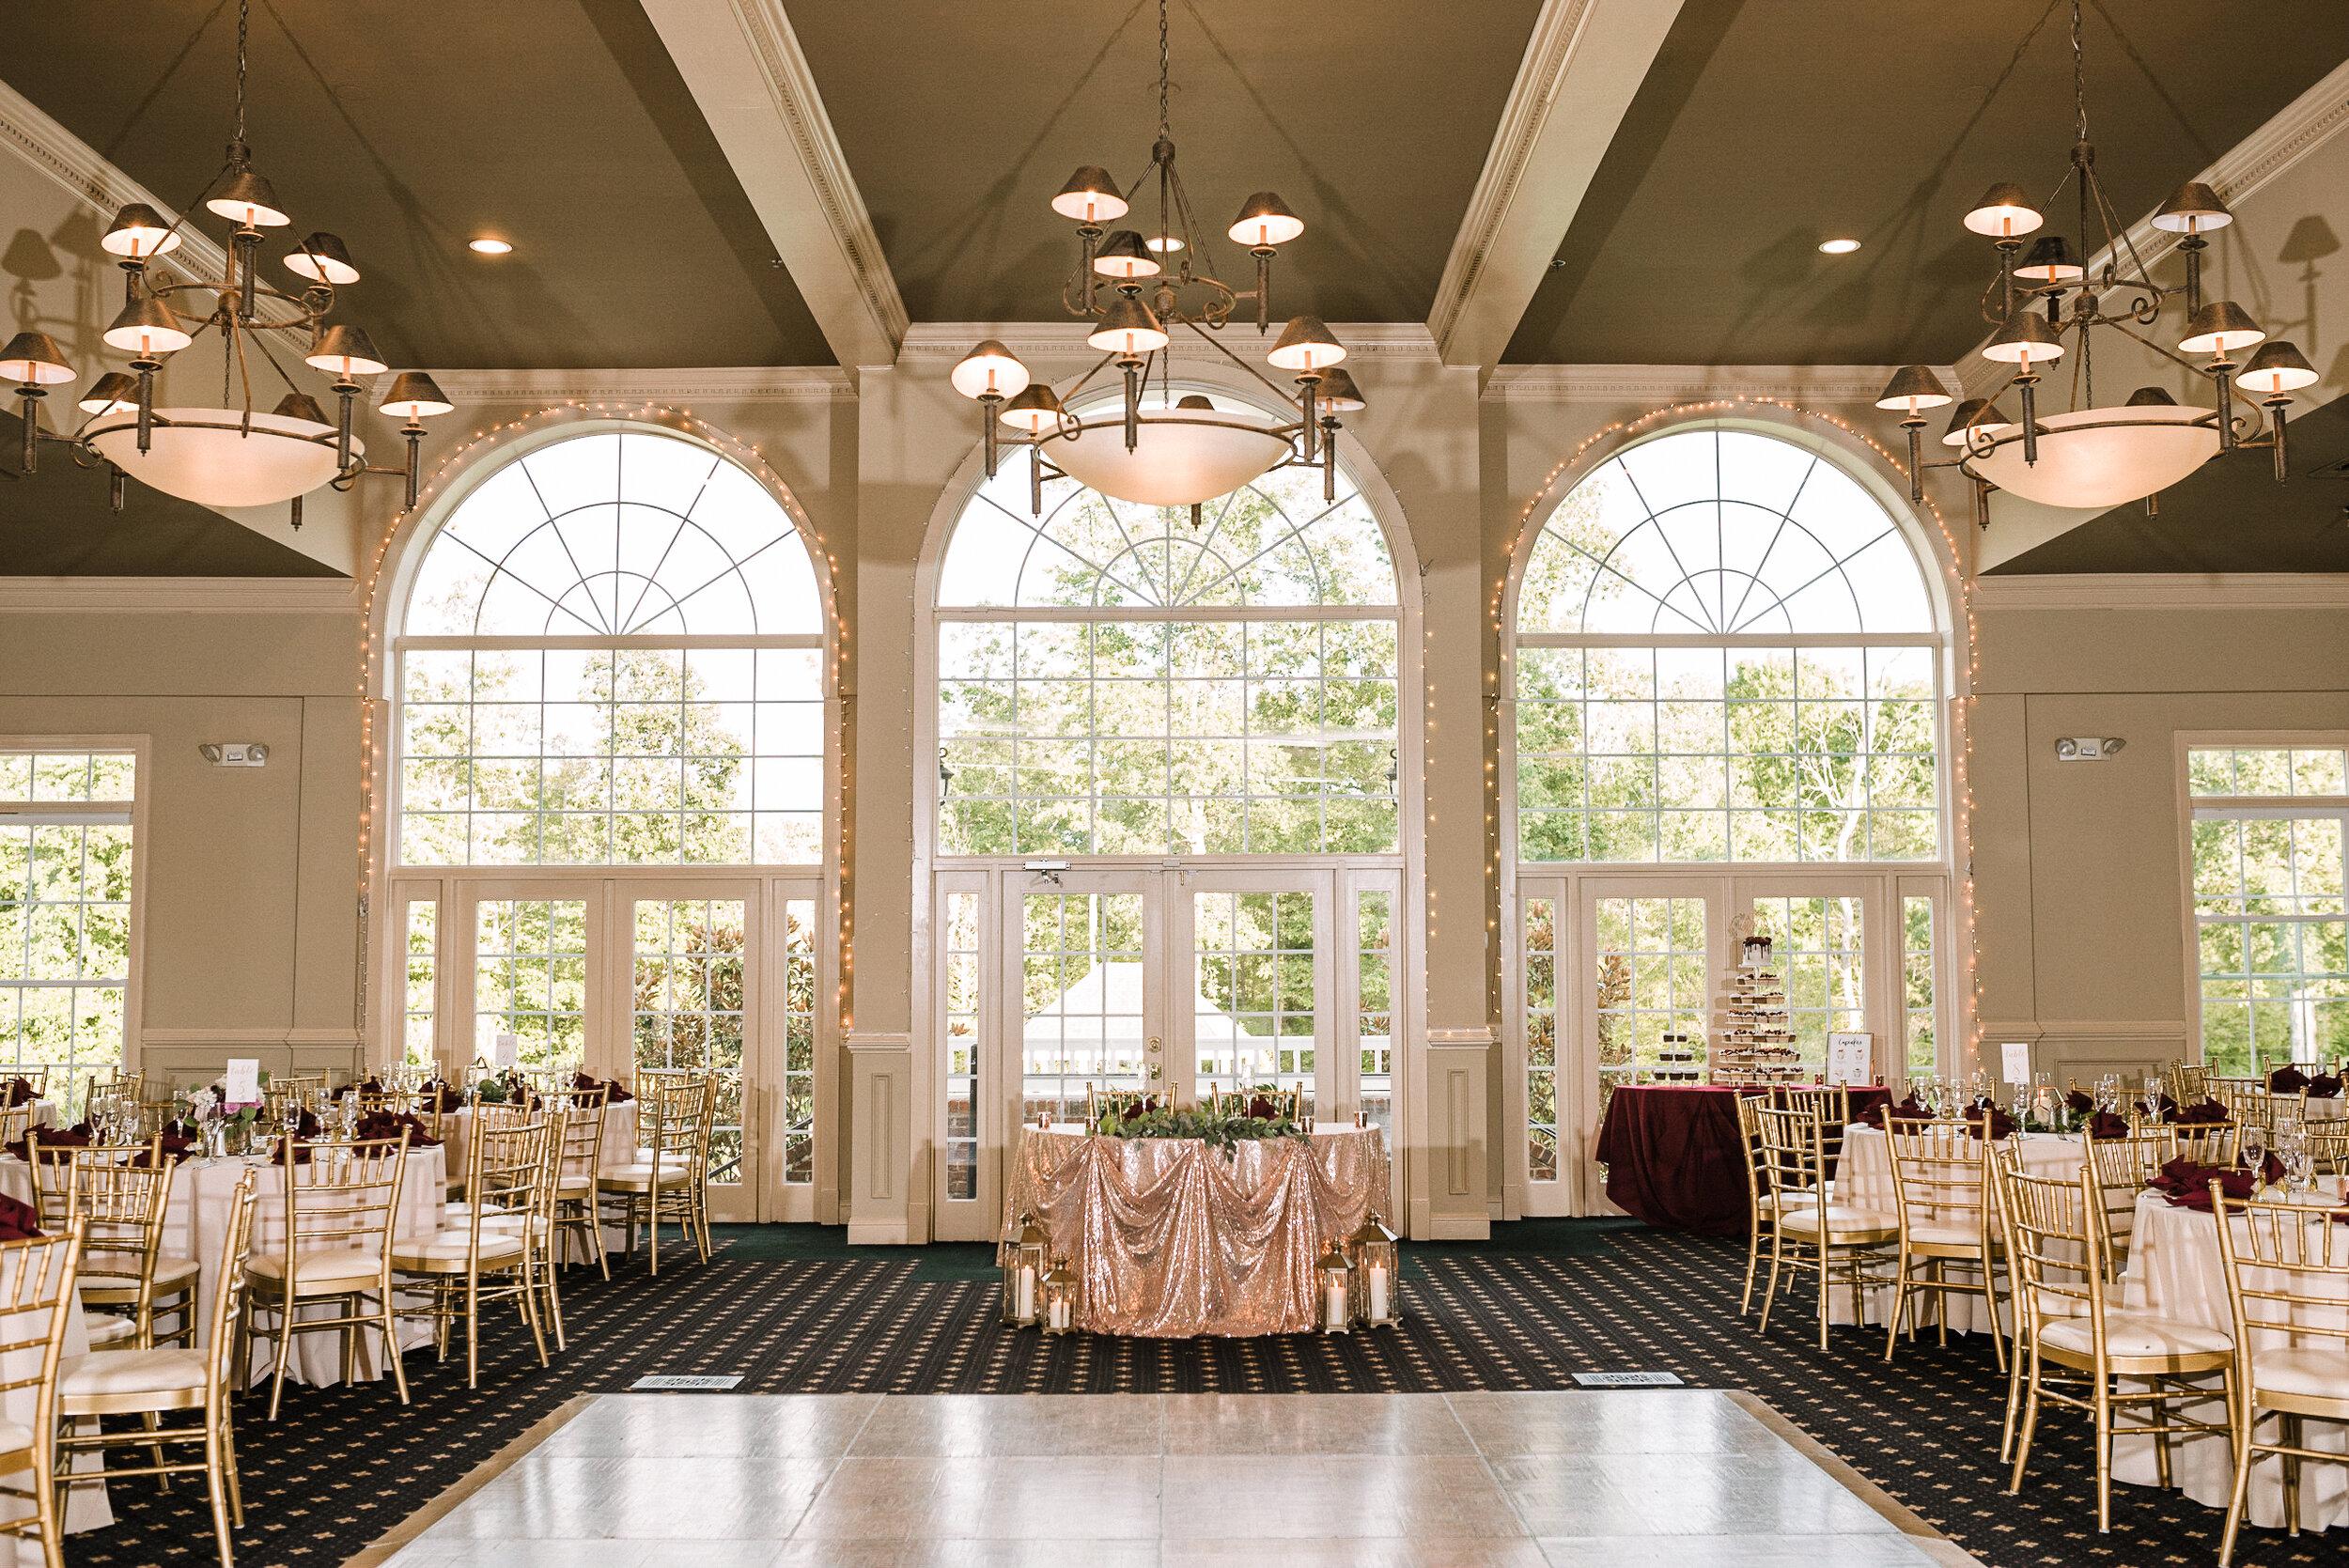 westfields ballroom reception site at Westfields Golf Club